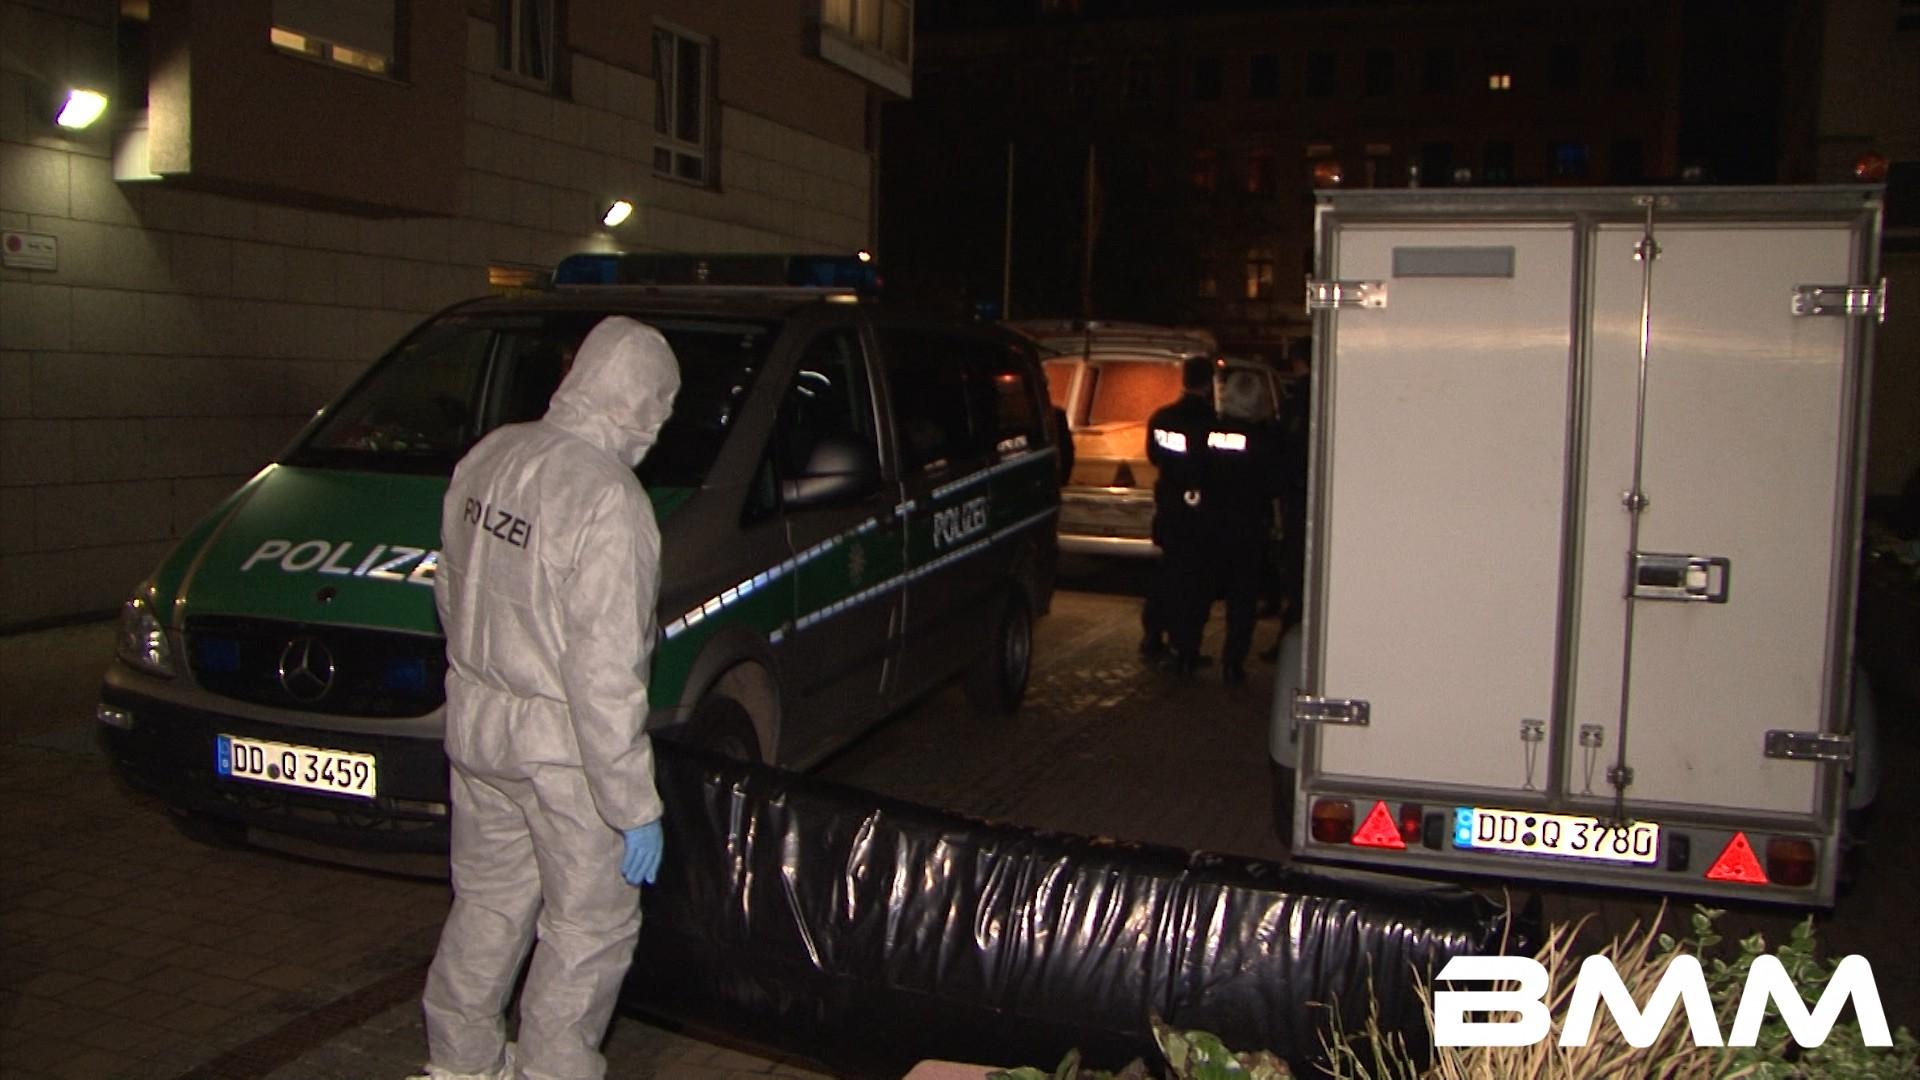 41Jhrige tot aufgefunden  Blaulichtmeldung